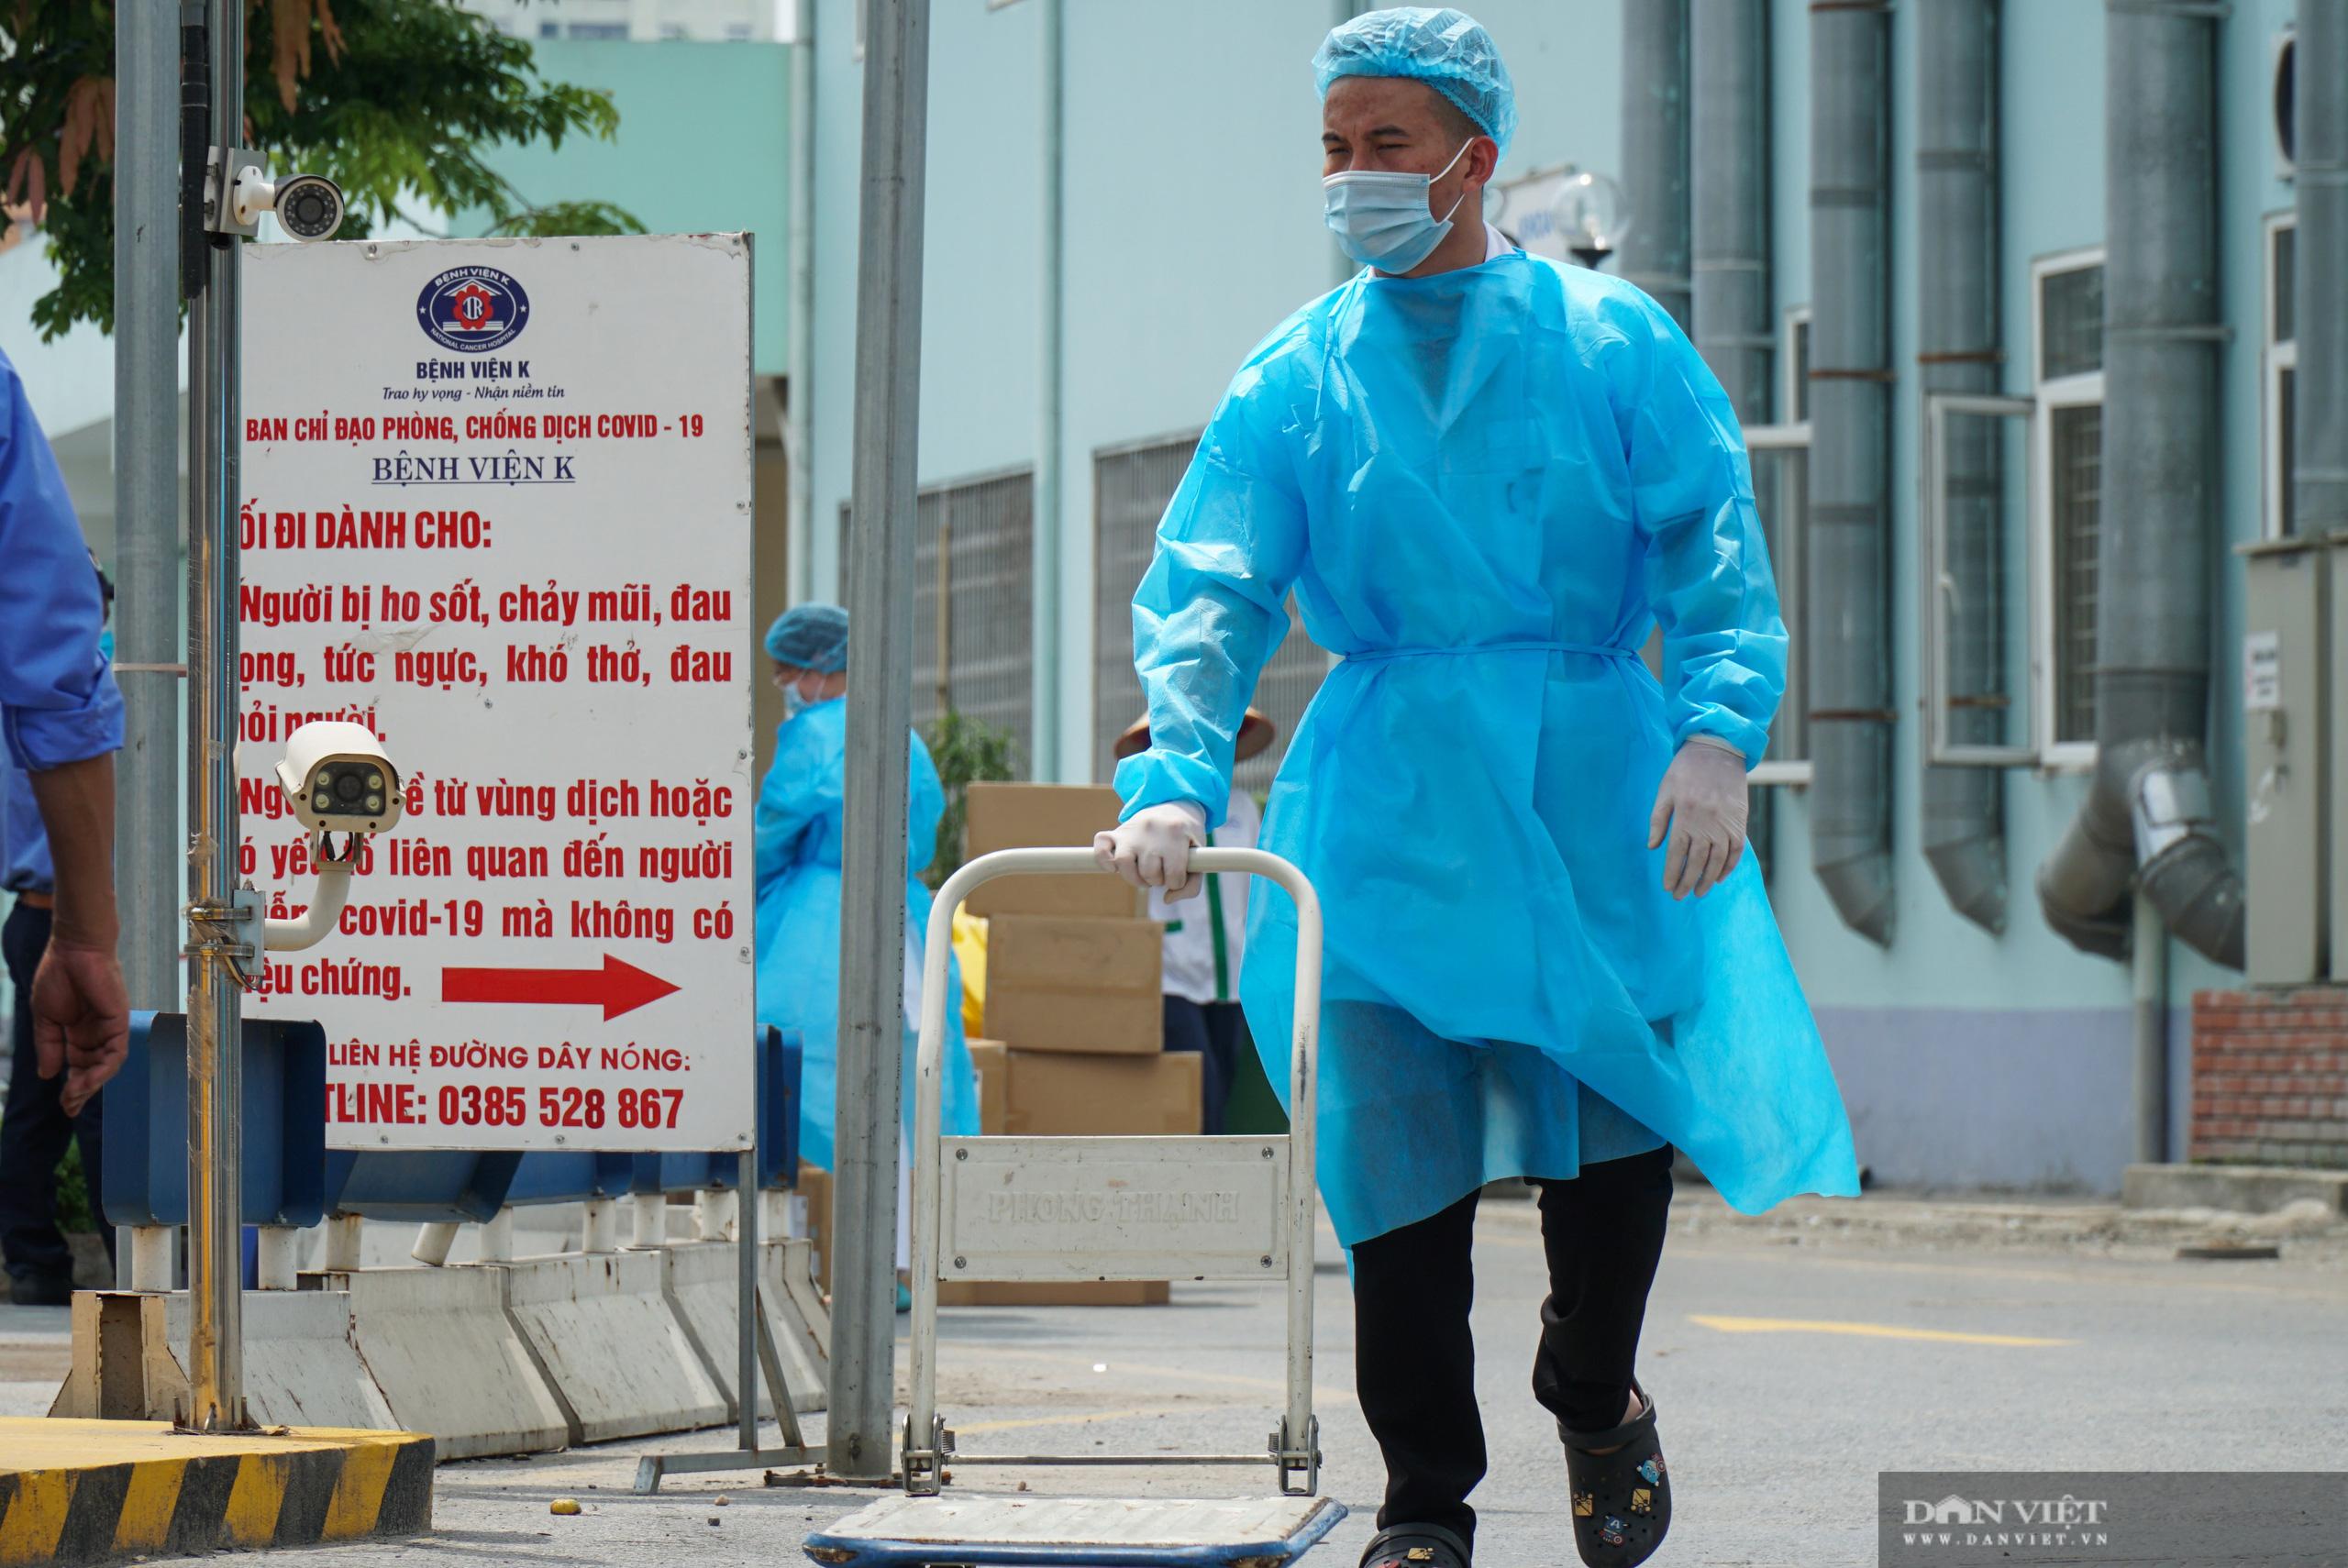 Bệnh viện K Tân Triều bị phong toả, người thân đội nắng tiếp tế đồ ăn - Ảnh 4.